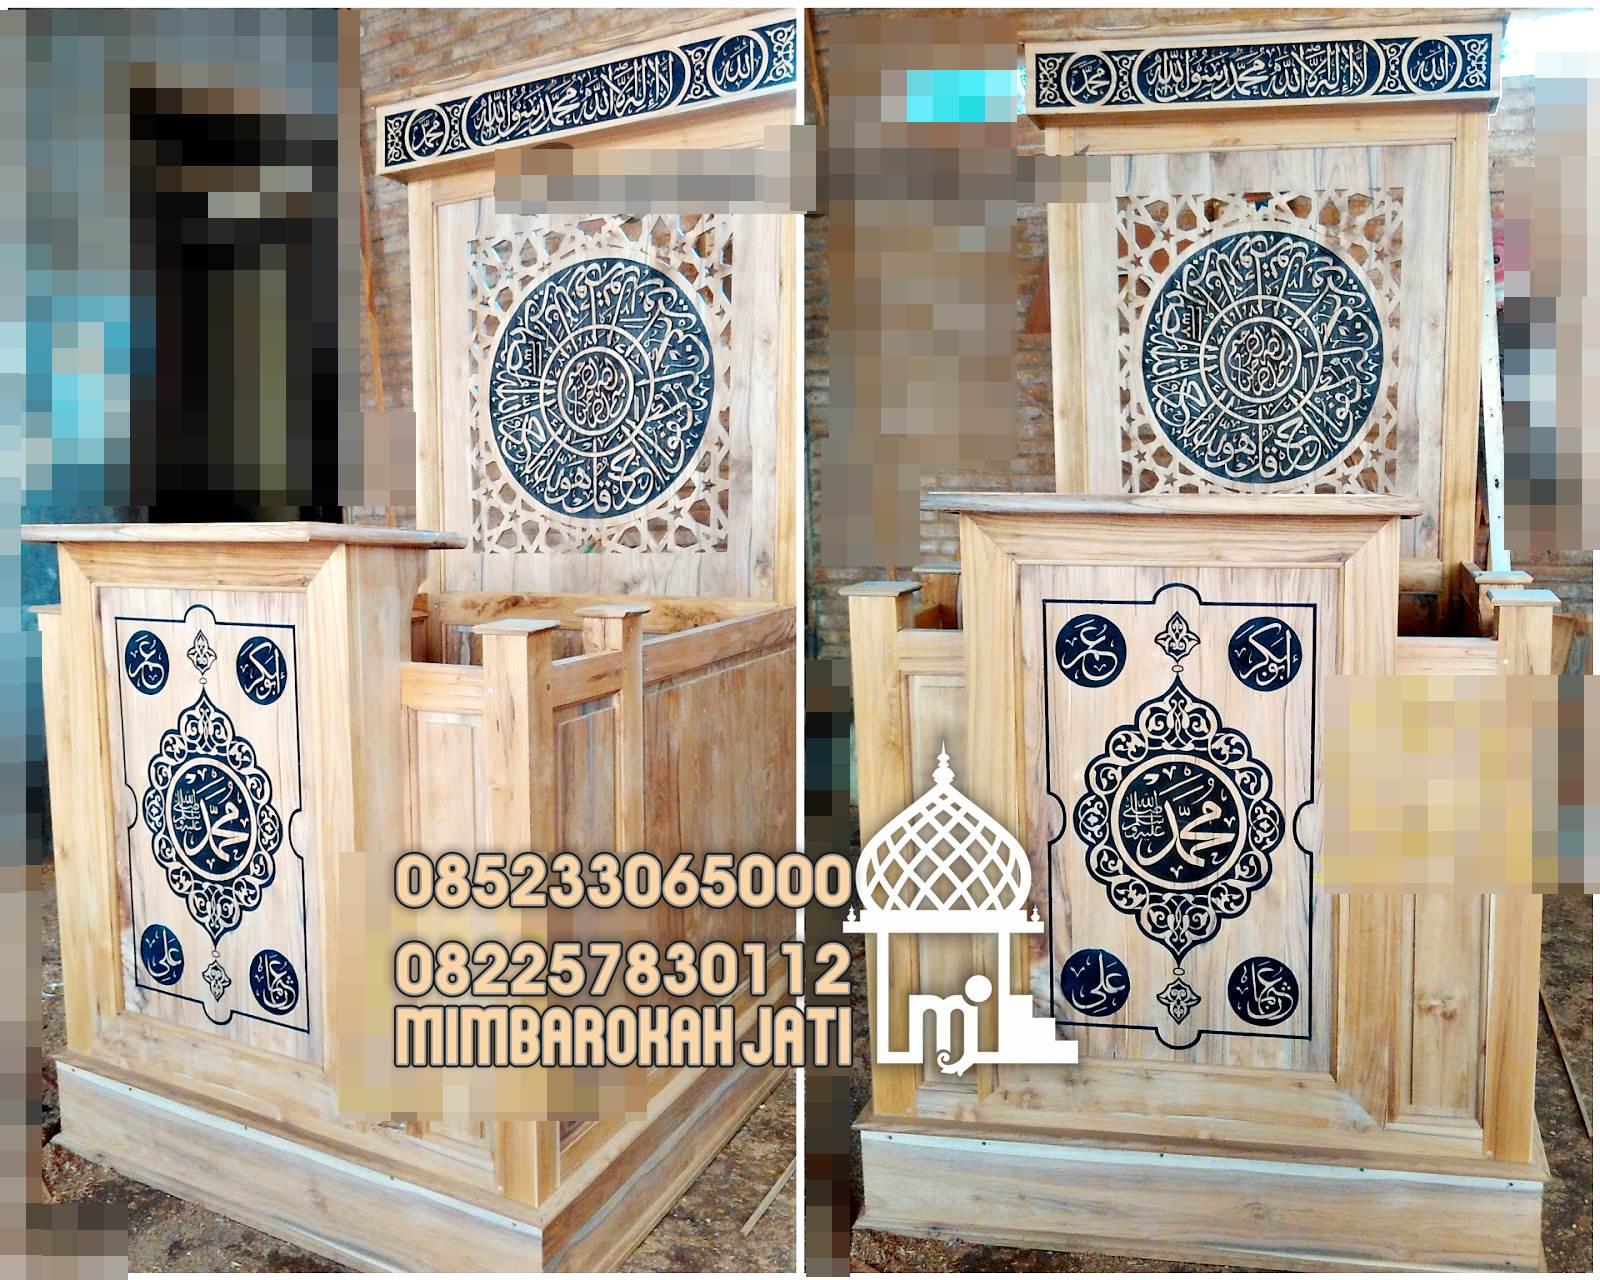 Mimbar Minimalis Ornamen Arabic Masjid Daerah Majalengka